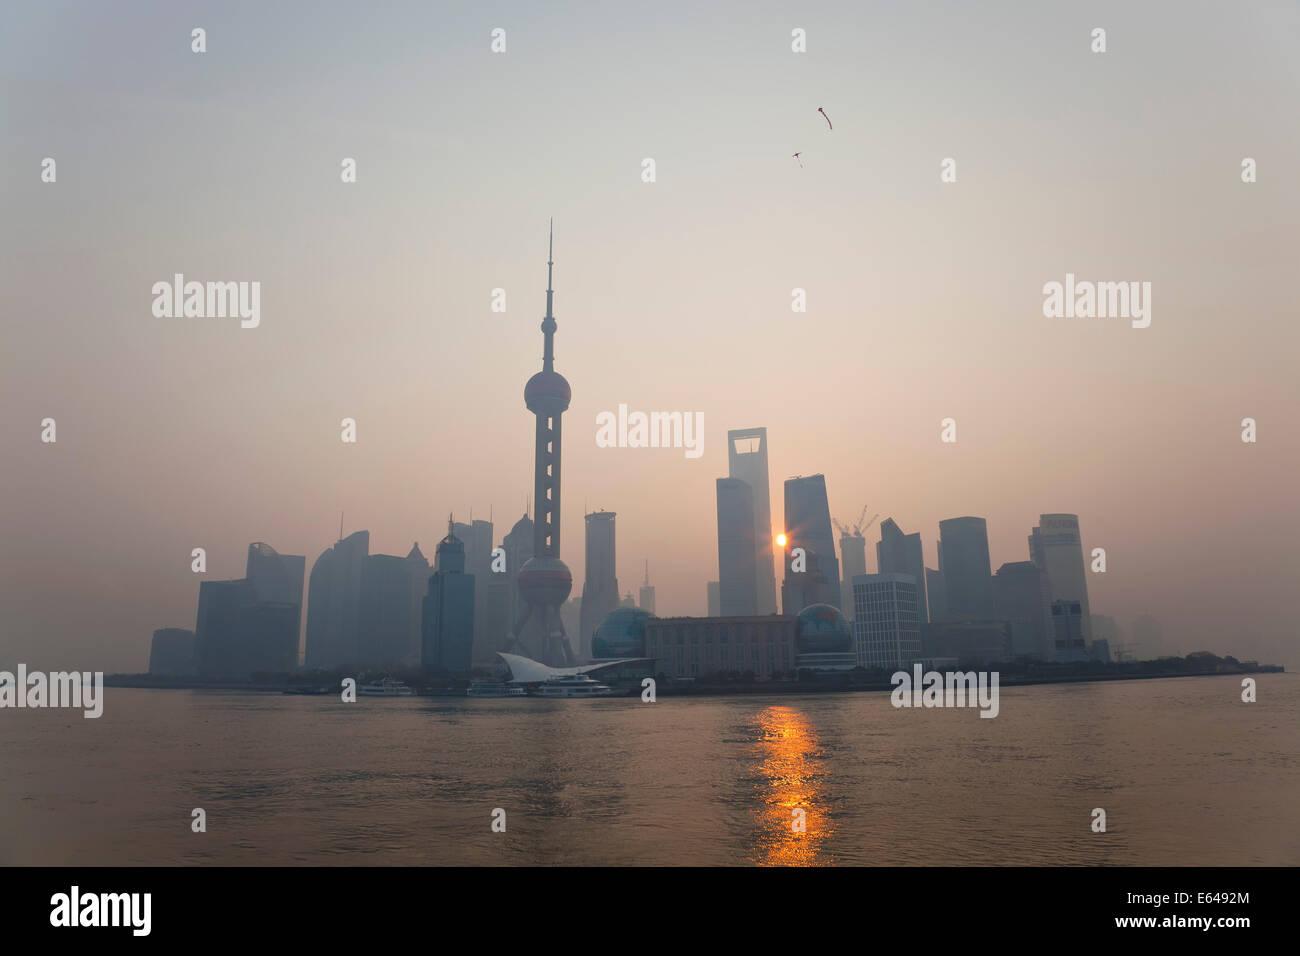 Lever de soleil sur l'horizon de Pudong, Shanghai, Chine Photo Stock